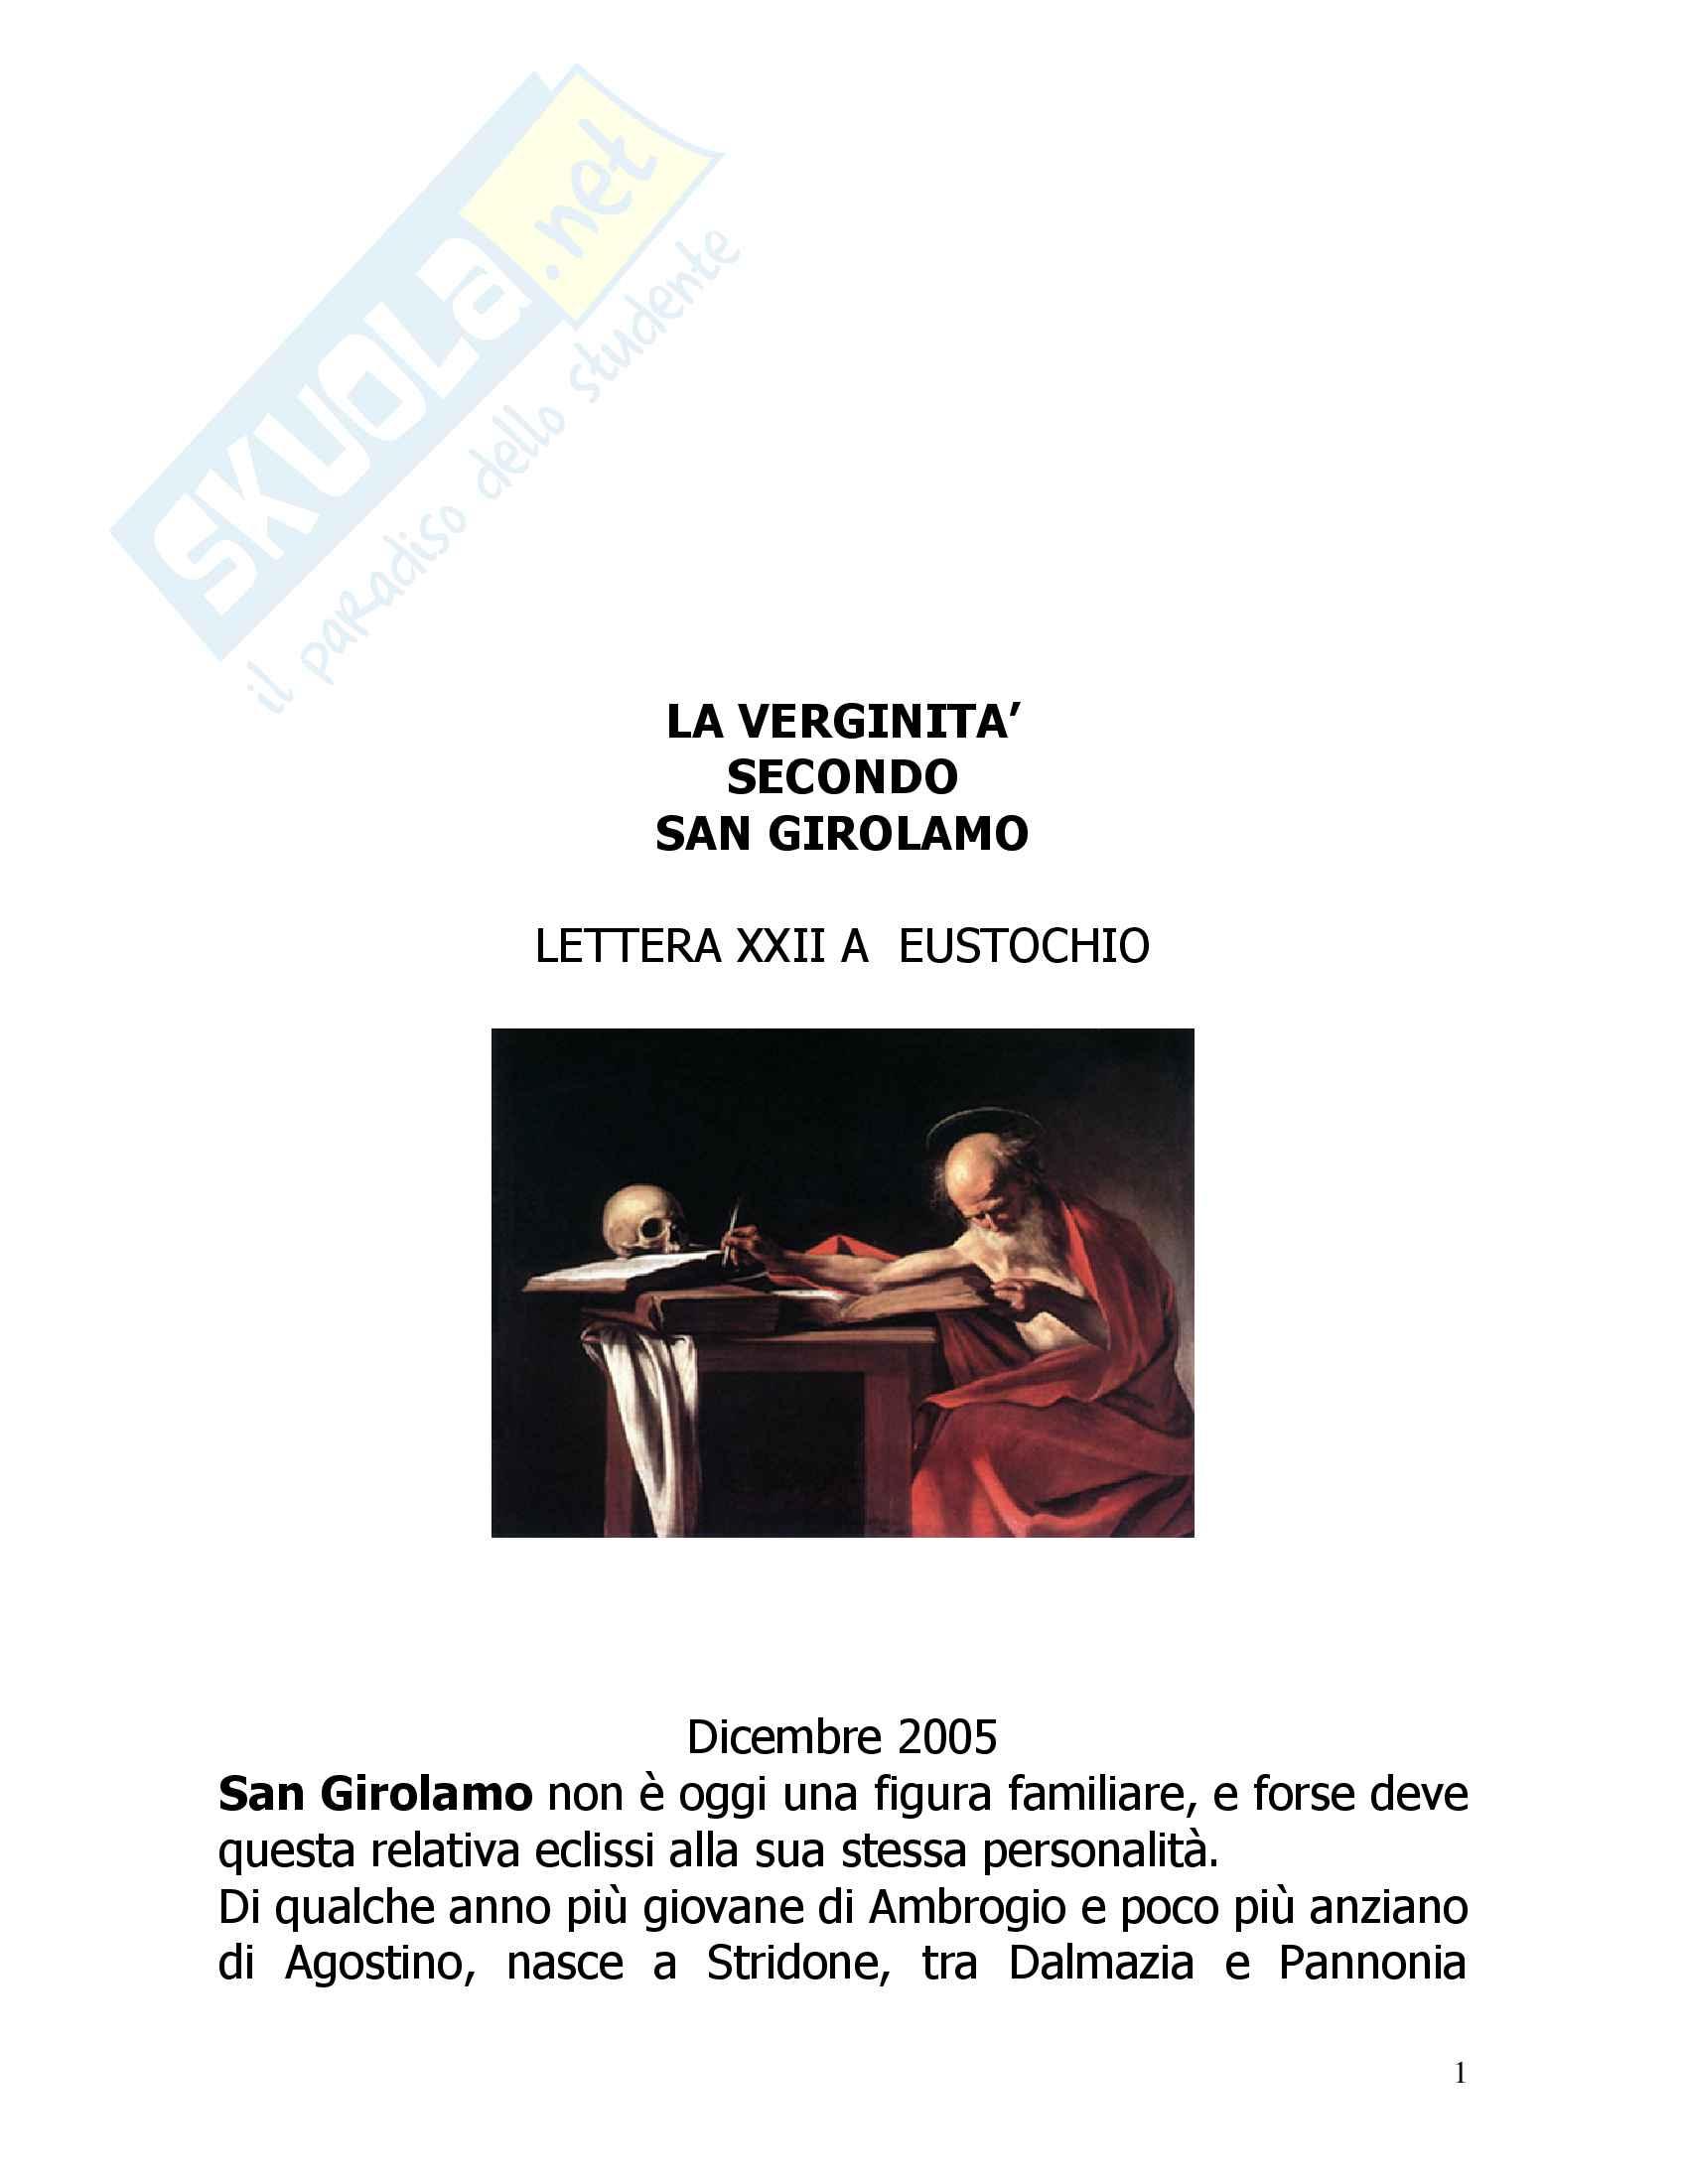 San Girolamo: Lettera XXII a Eustochio, Vita, Pensiero, Filosofia, Discorso sulla verginità e Epistolario